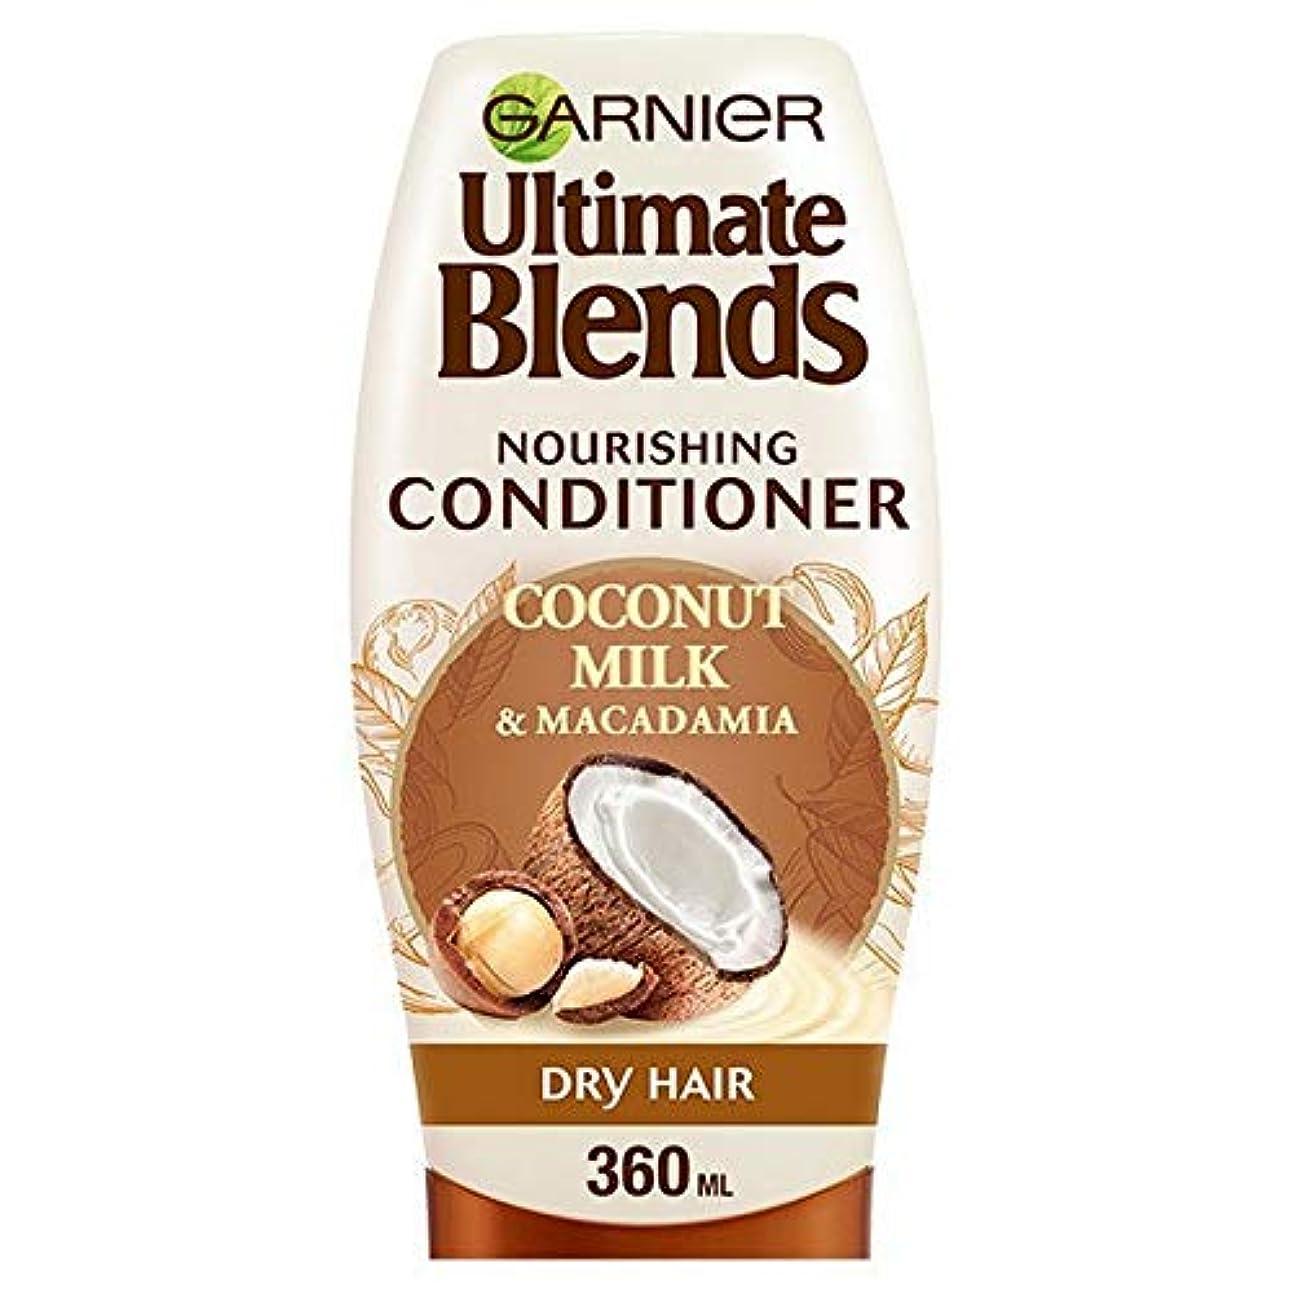 冷ややかなの量確保する[Garnier ] 究極のブレンドココナッツミルクドライヘアコンディショナー360ミリリットル - Ultimate Blends Coconut Milk Dry Hair Conditioner 360ml [並行輸入品]